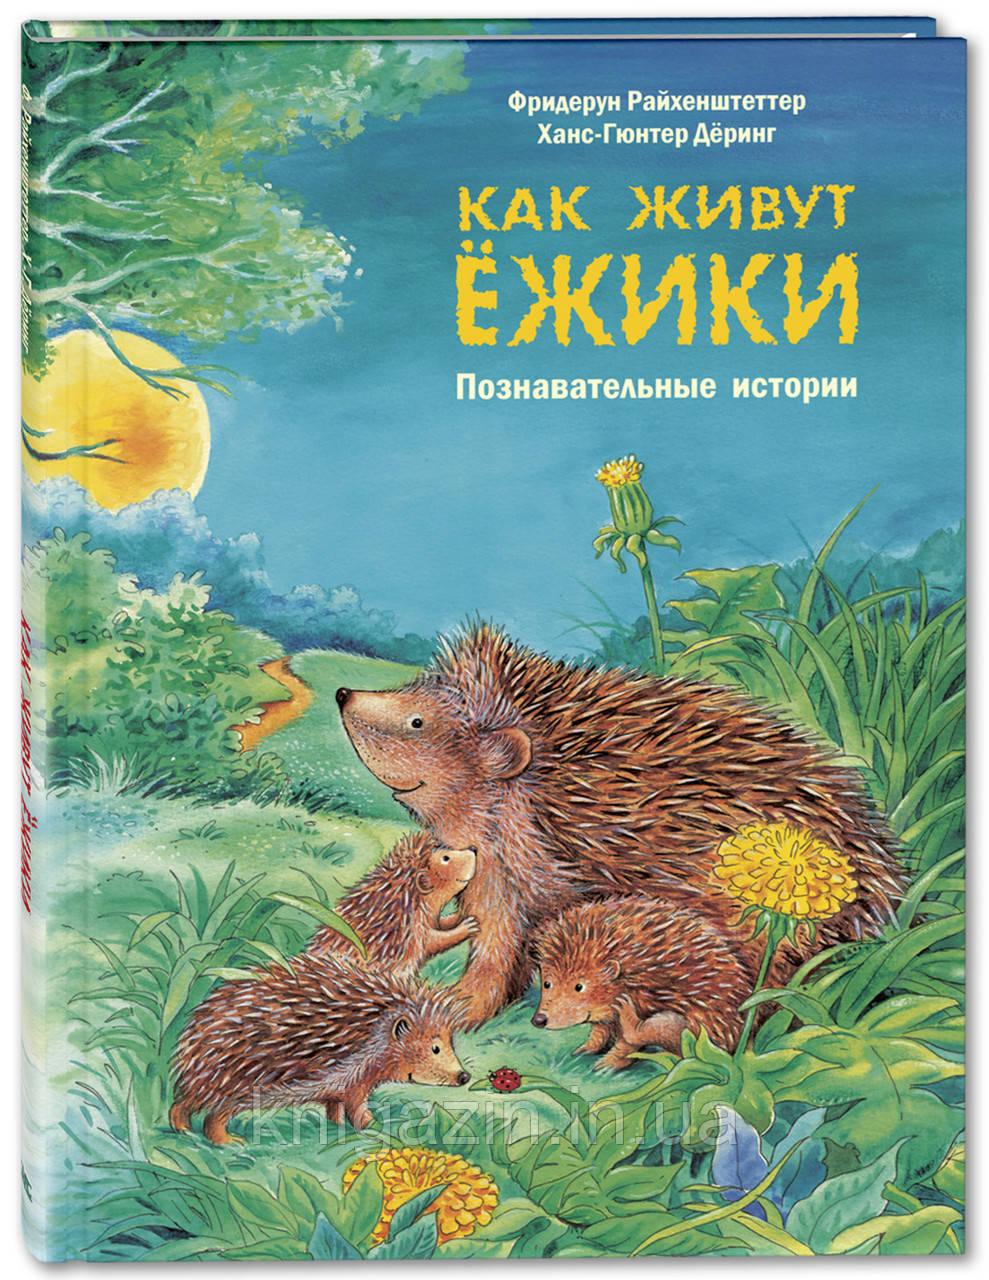 Детская книга Как живут ёжики Познавательные истории Для детей от 0 до 6 лет